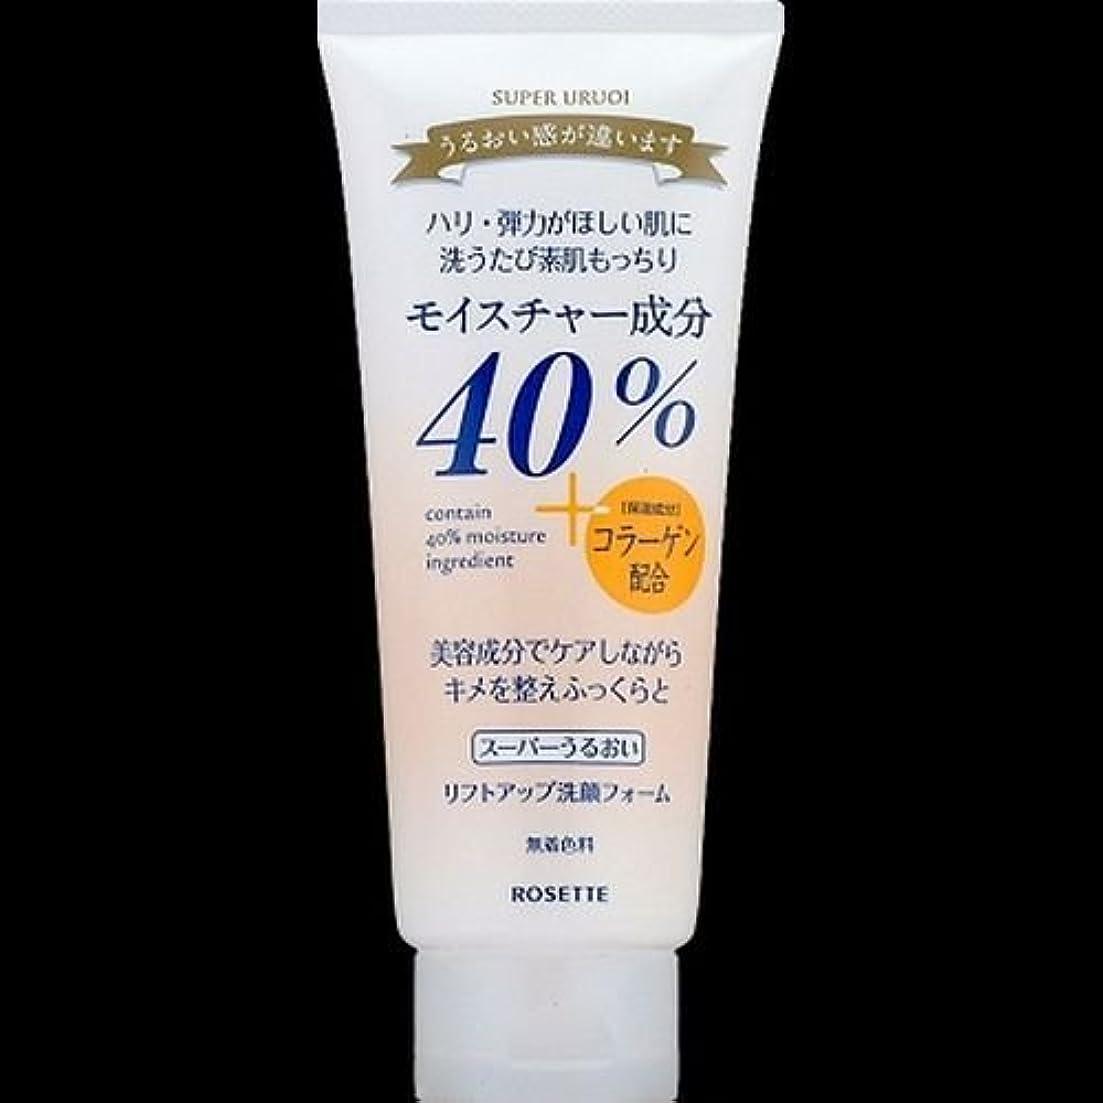 ある開発前投薬【まとめ買い】ロゼット 40%スーパーうるおいリフトアップ洗顔フォーム 168g ×2セット